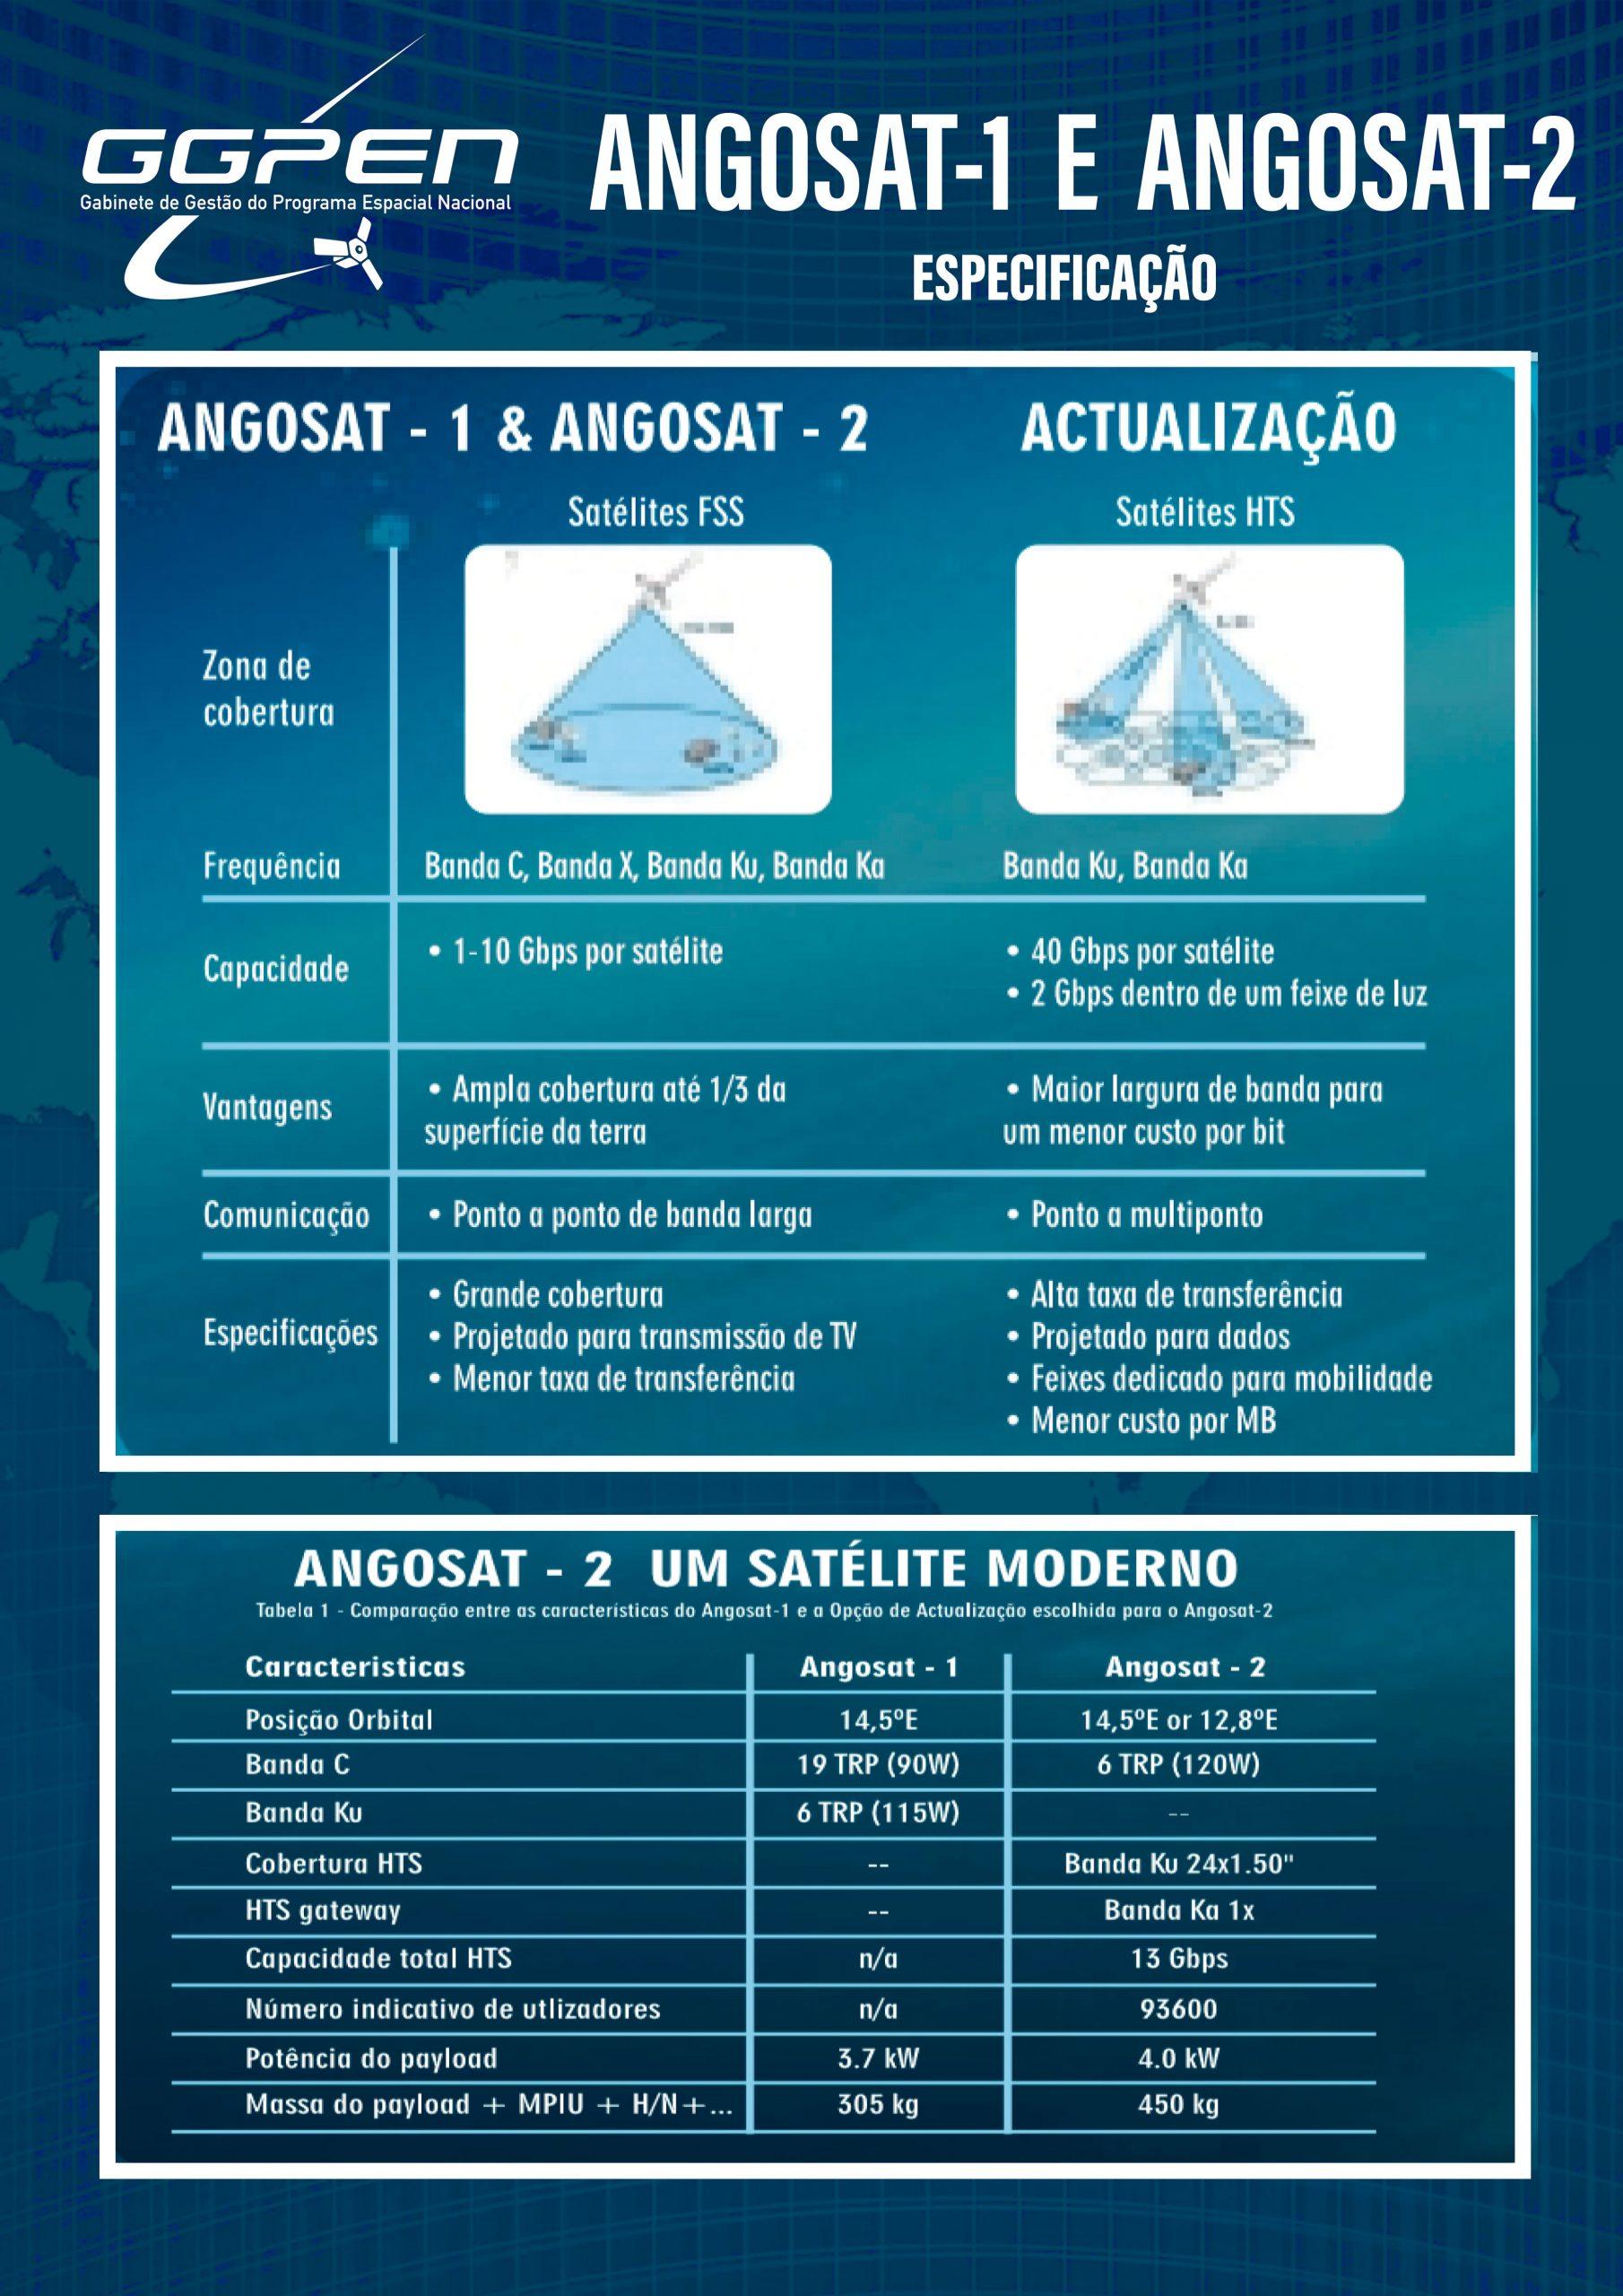 Angosat 1 vs Angosat 2 especificações